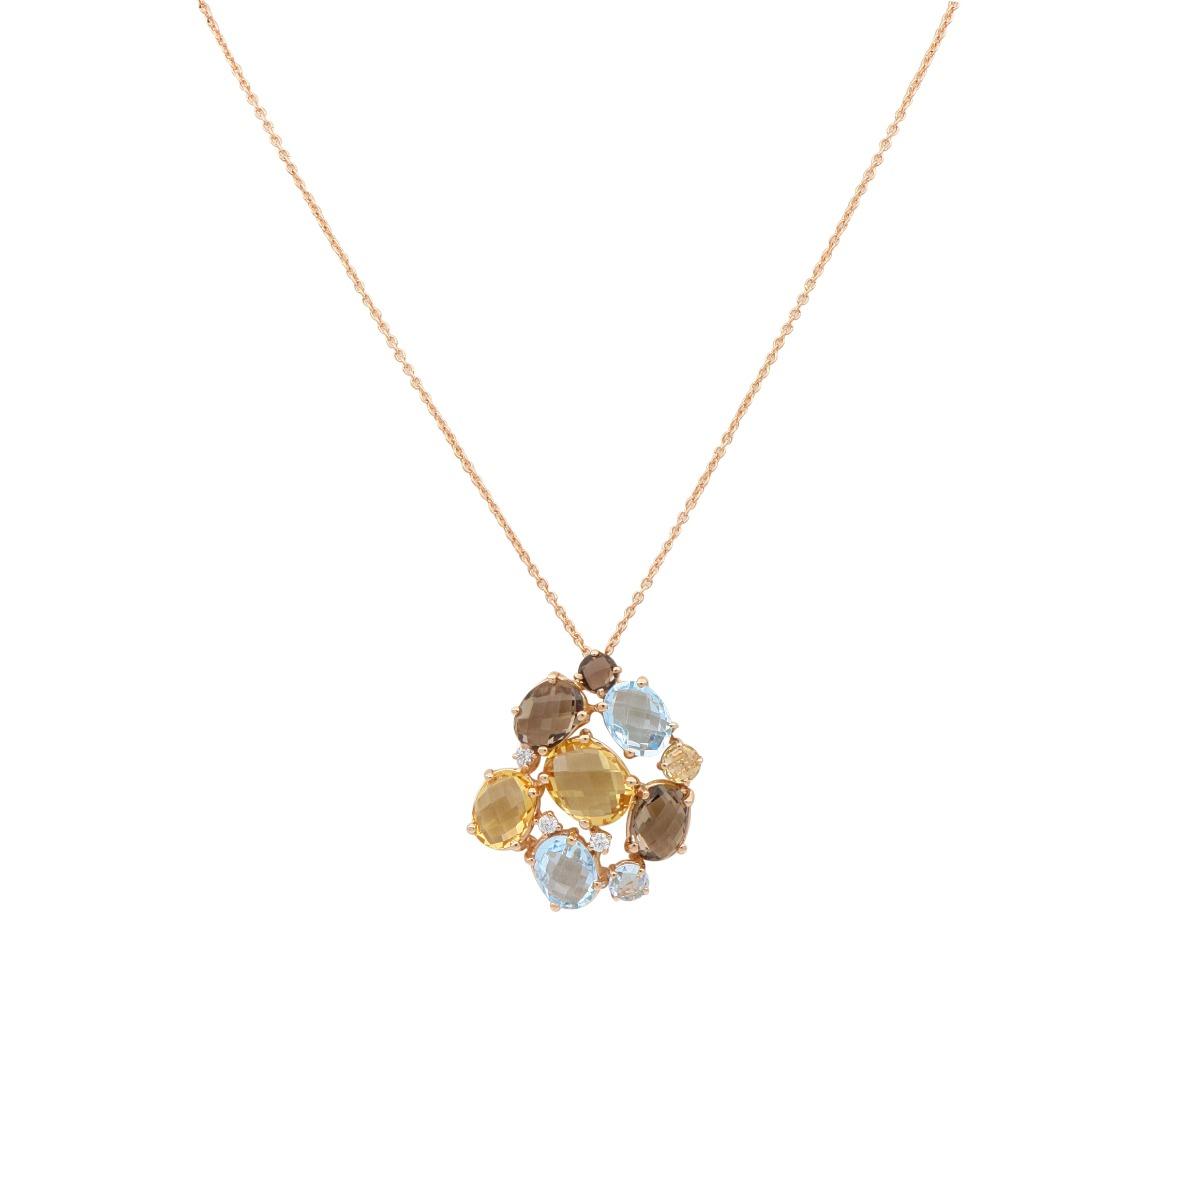 Multi-Gem Pendant Necklace